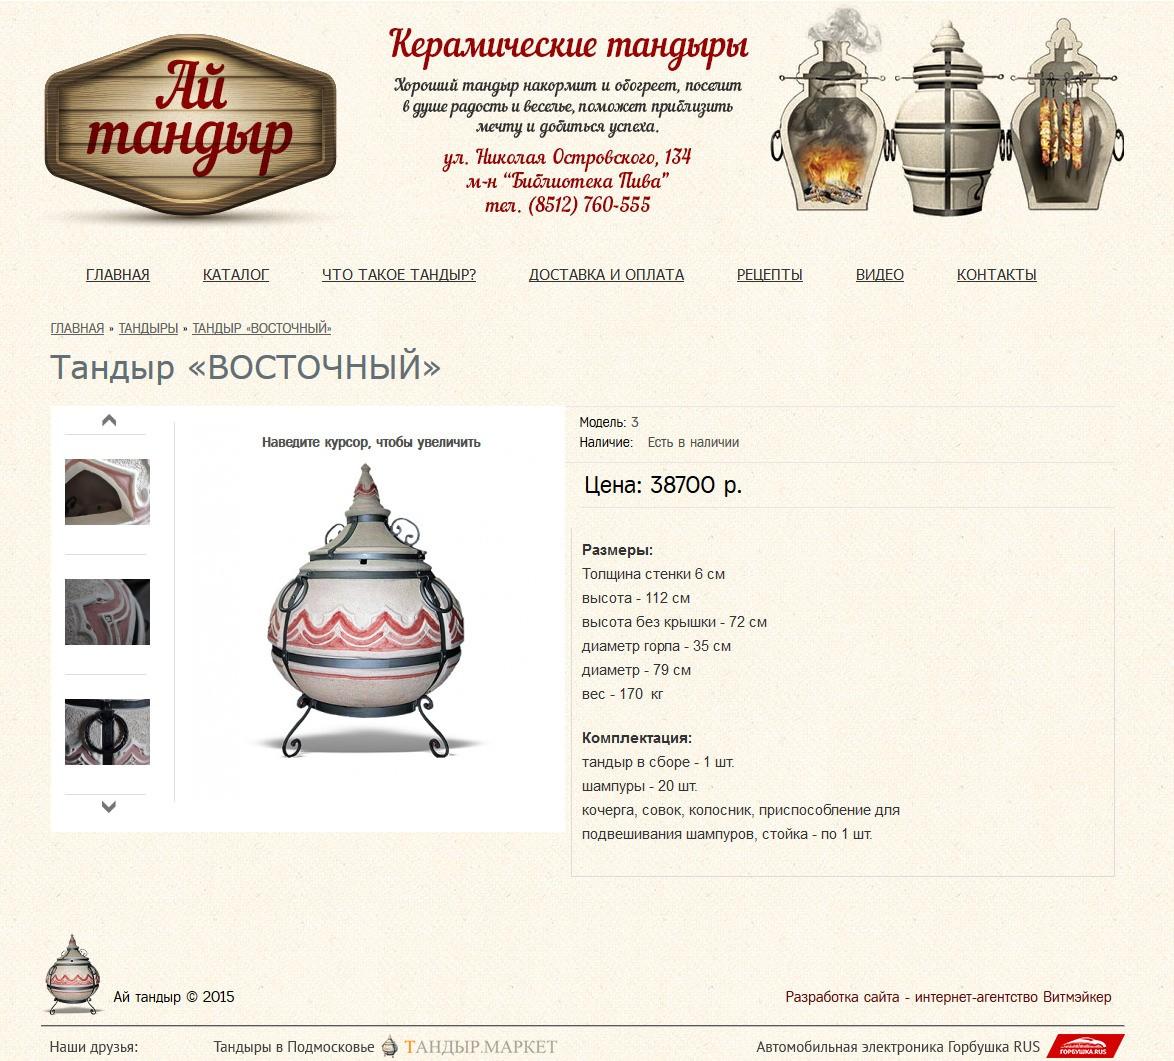 Разработка сайта для магазина керамических тандыров